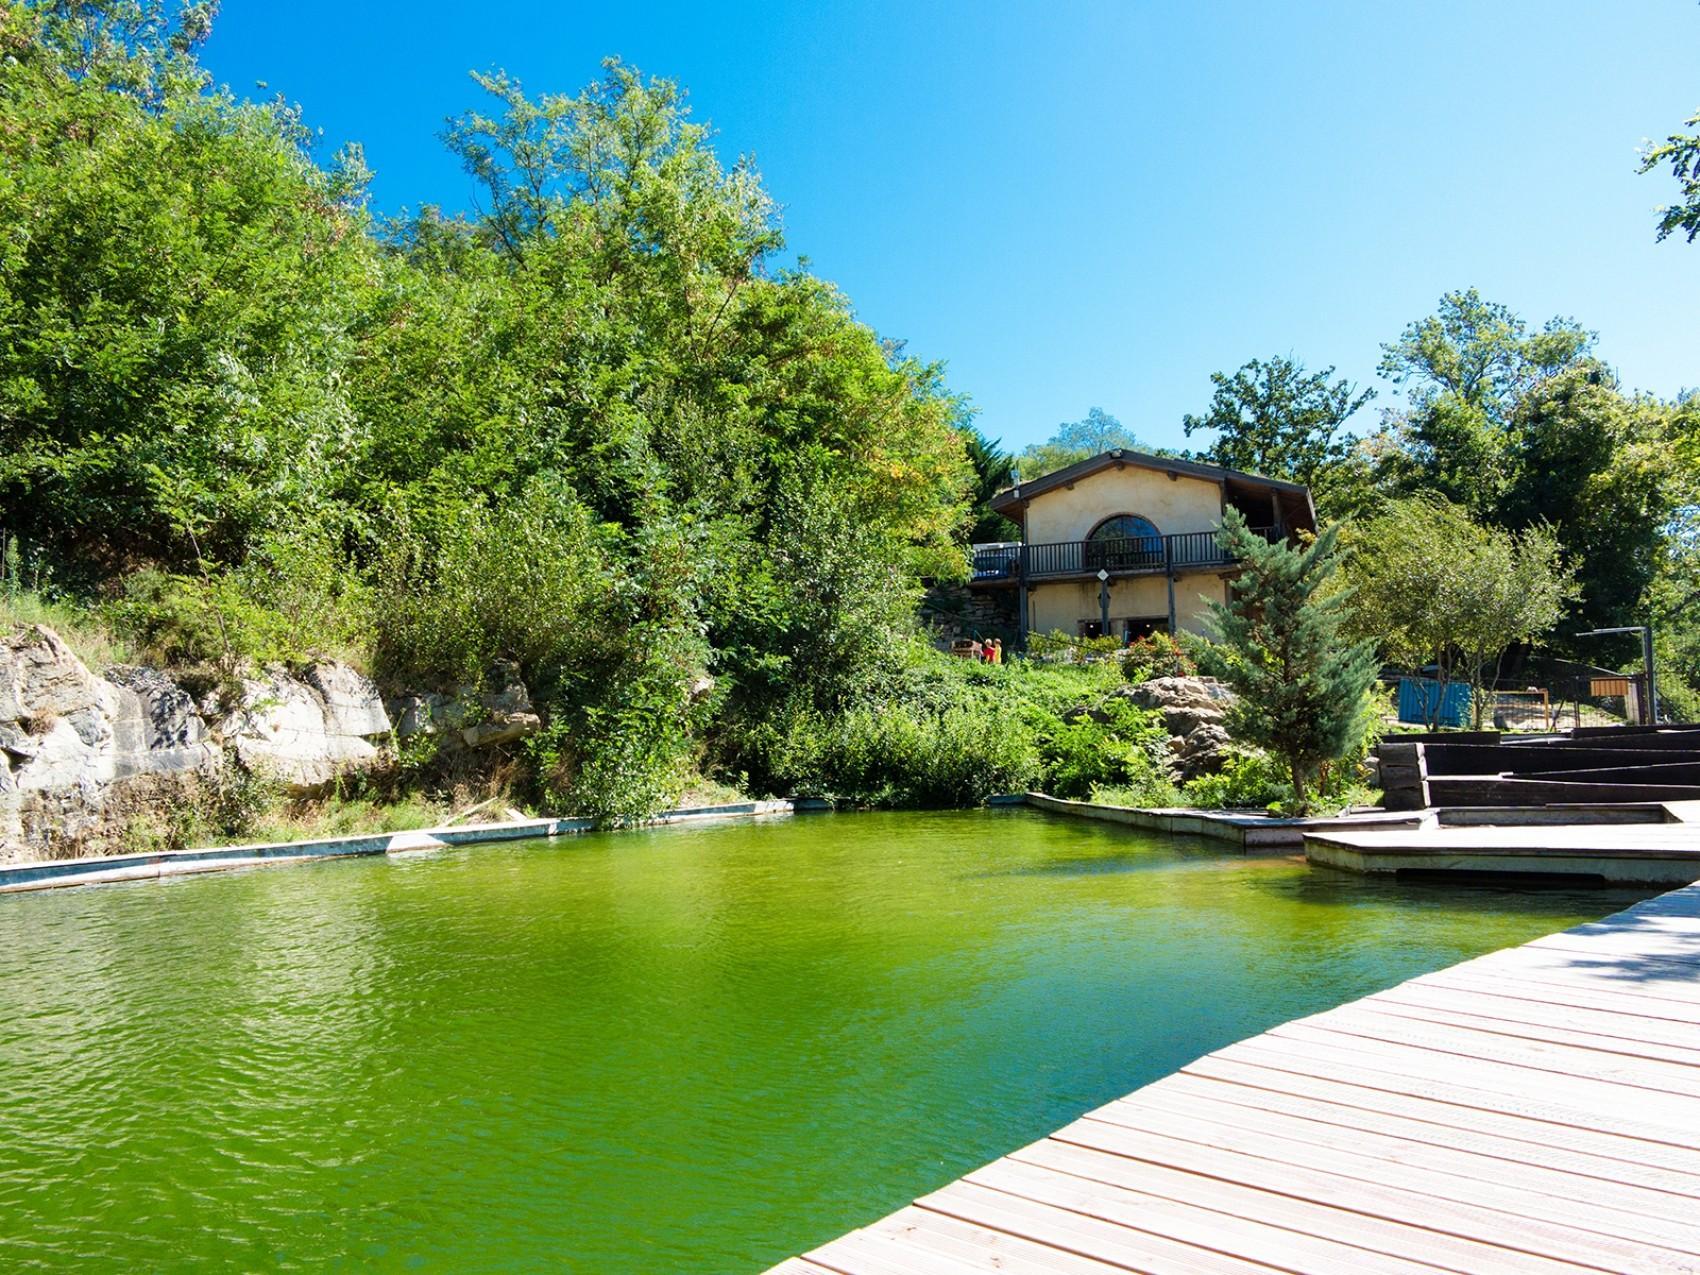 Camping carcassonne avec piscine languedoc roussillon le bout du monde - Camping albertville avec piscine ...